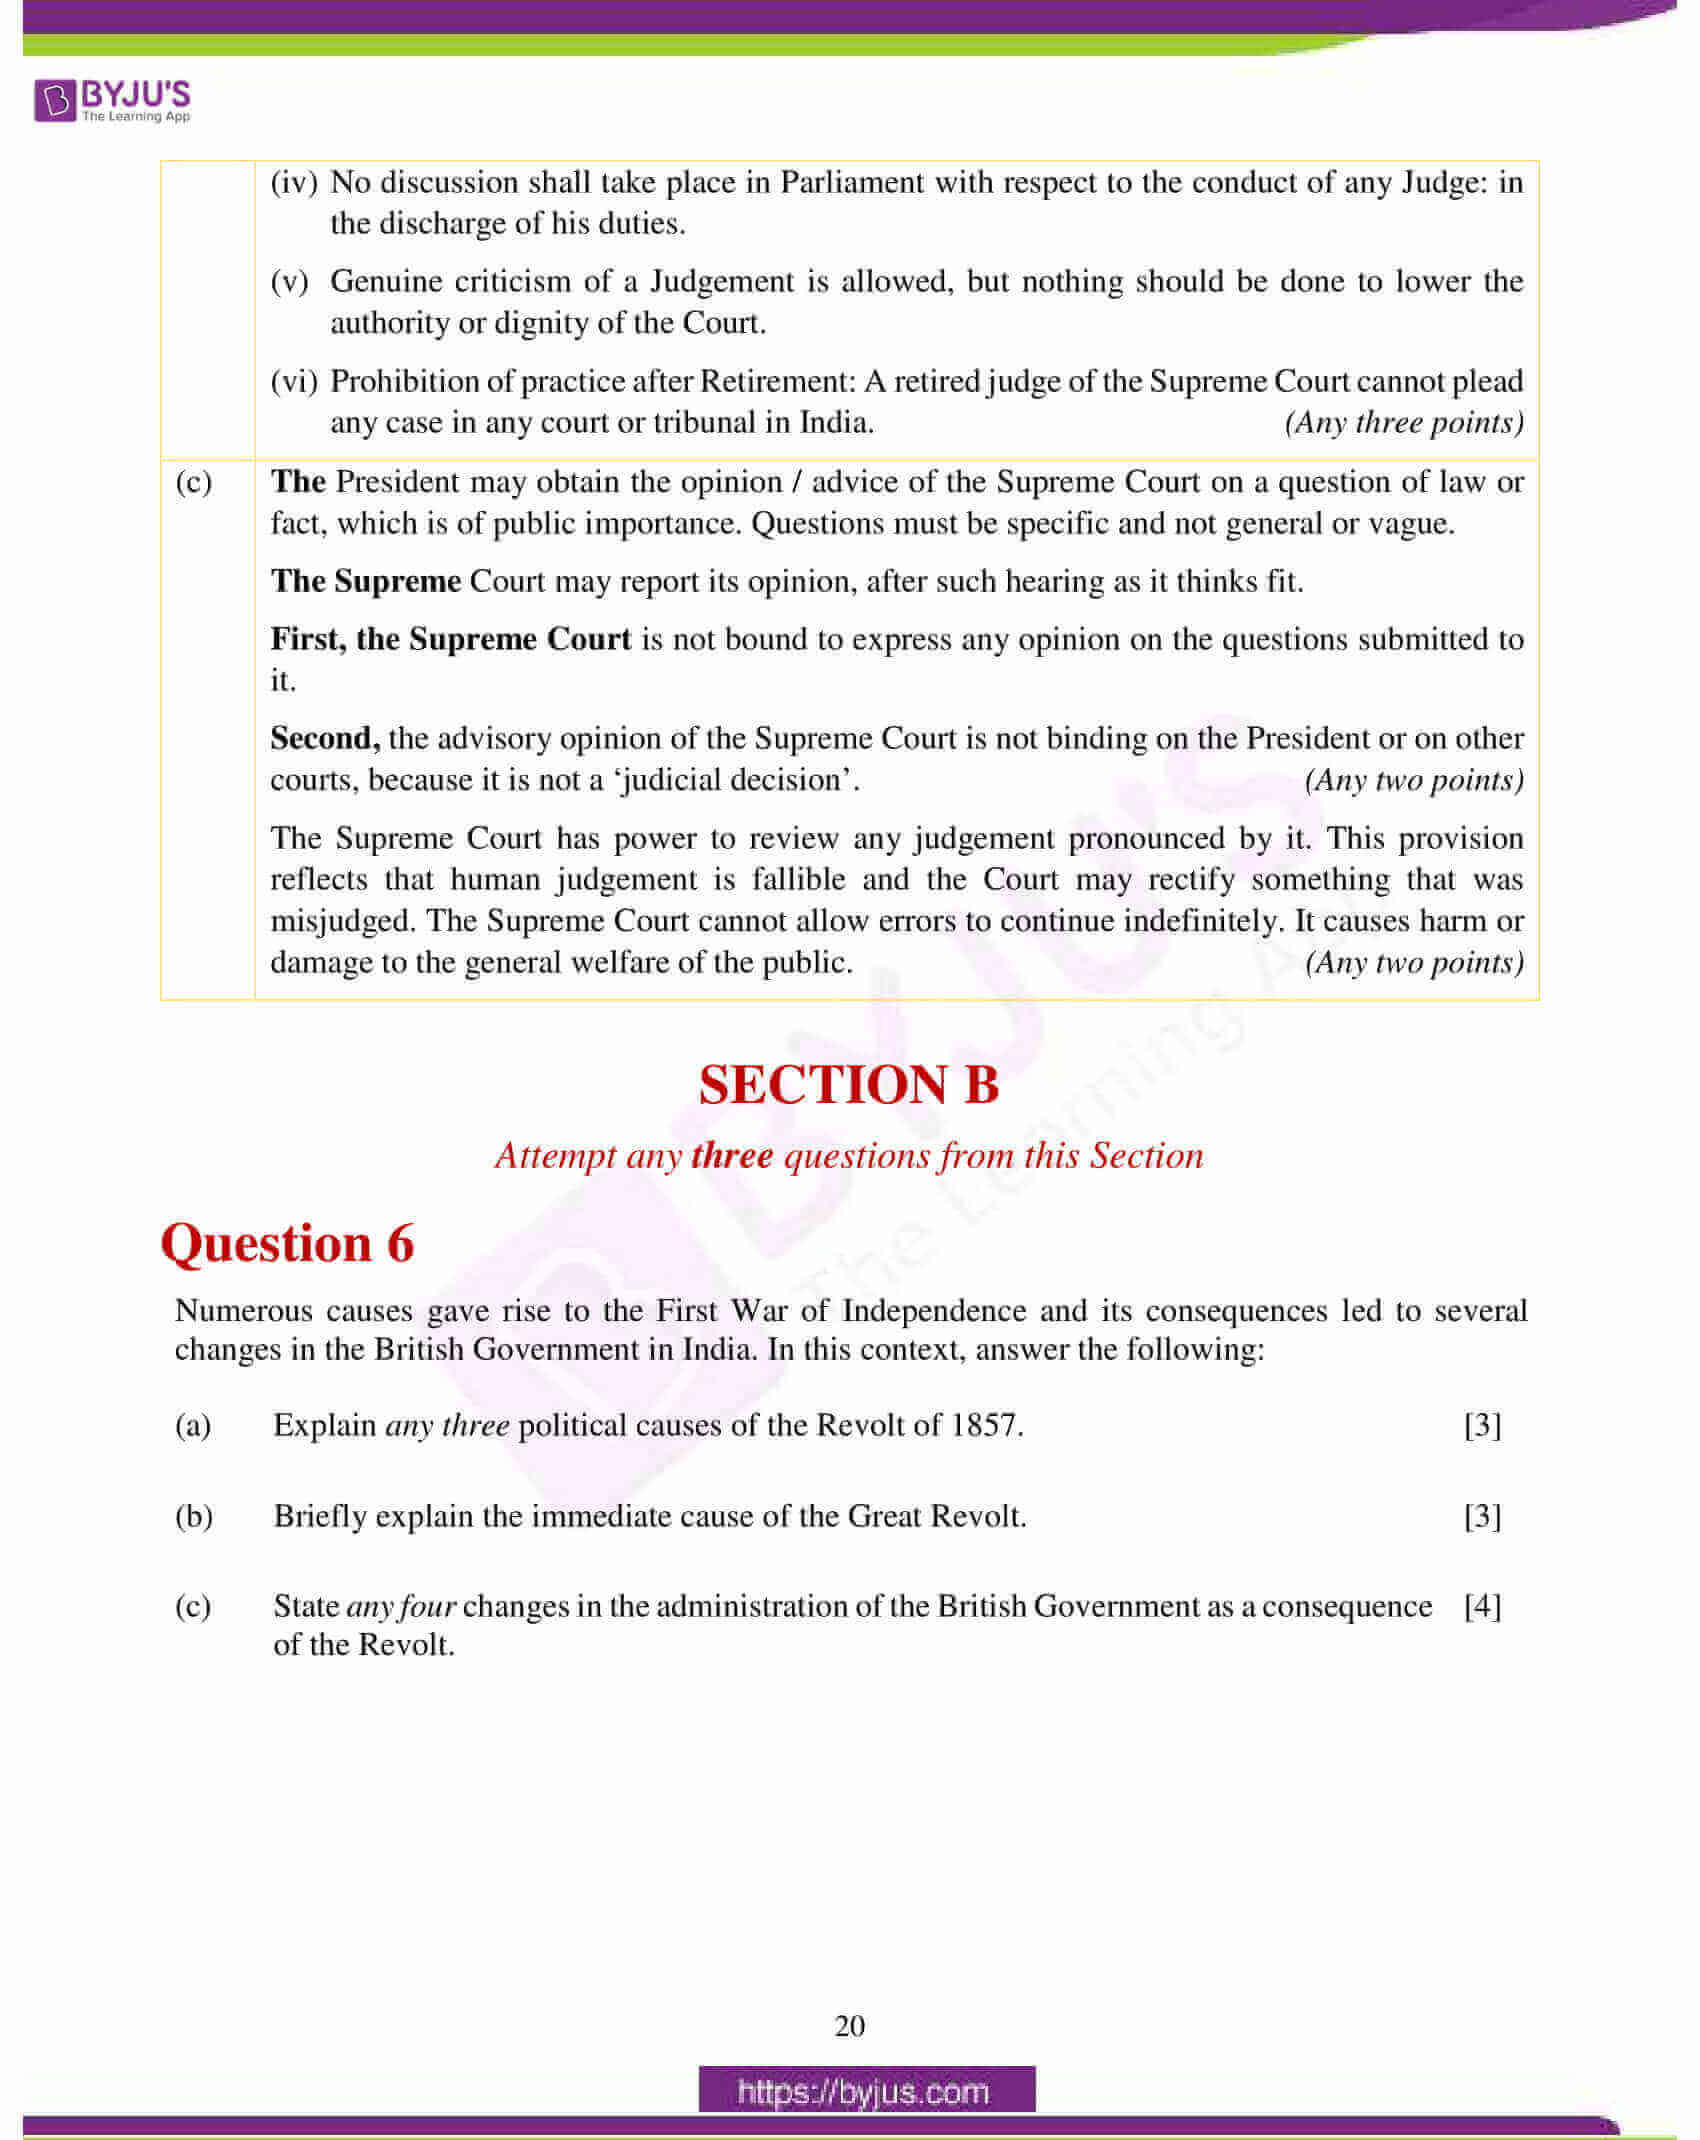 icse class 10 history civics question paper solution 2018 11